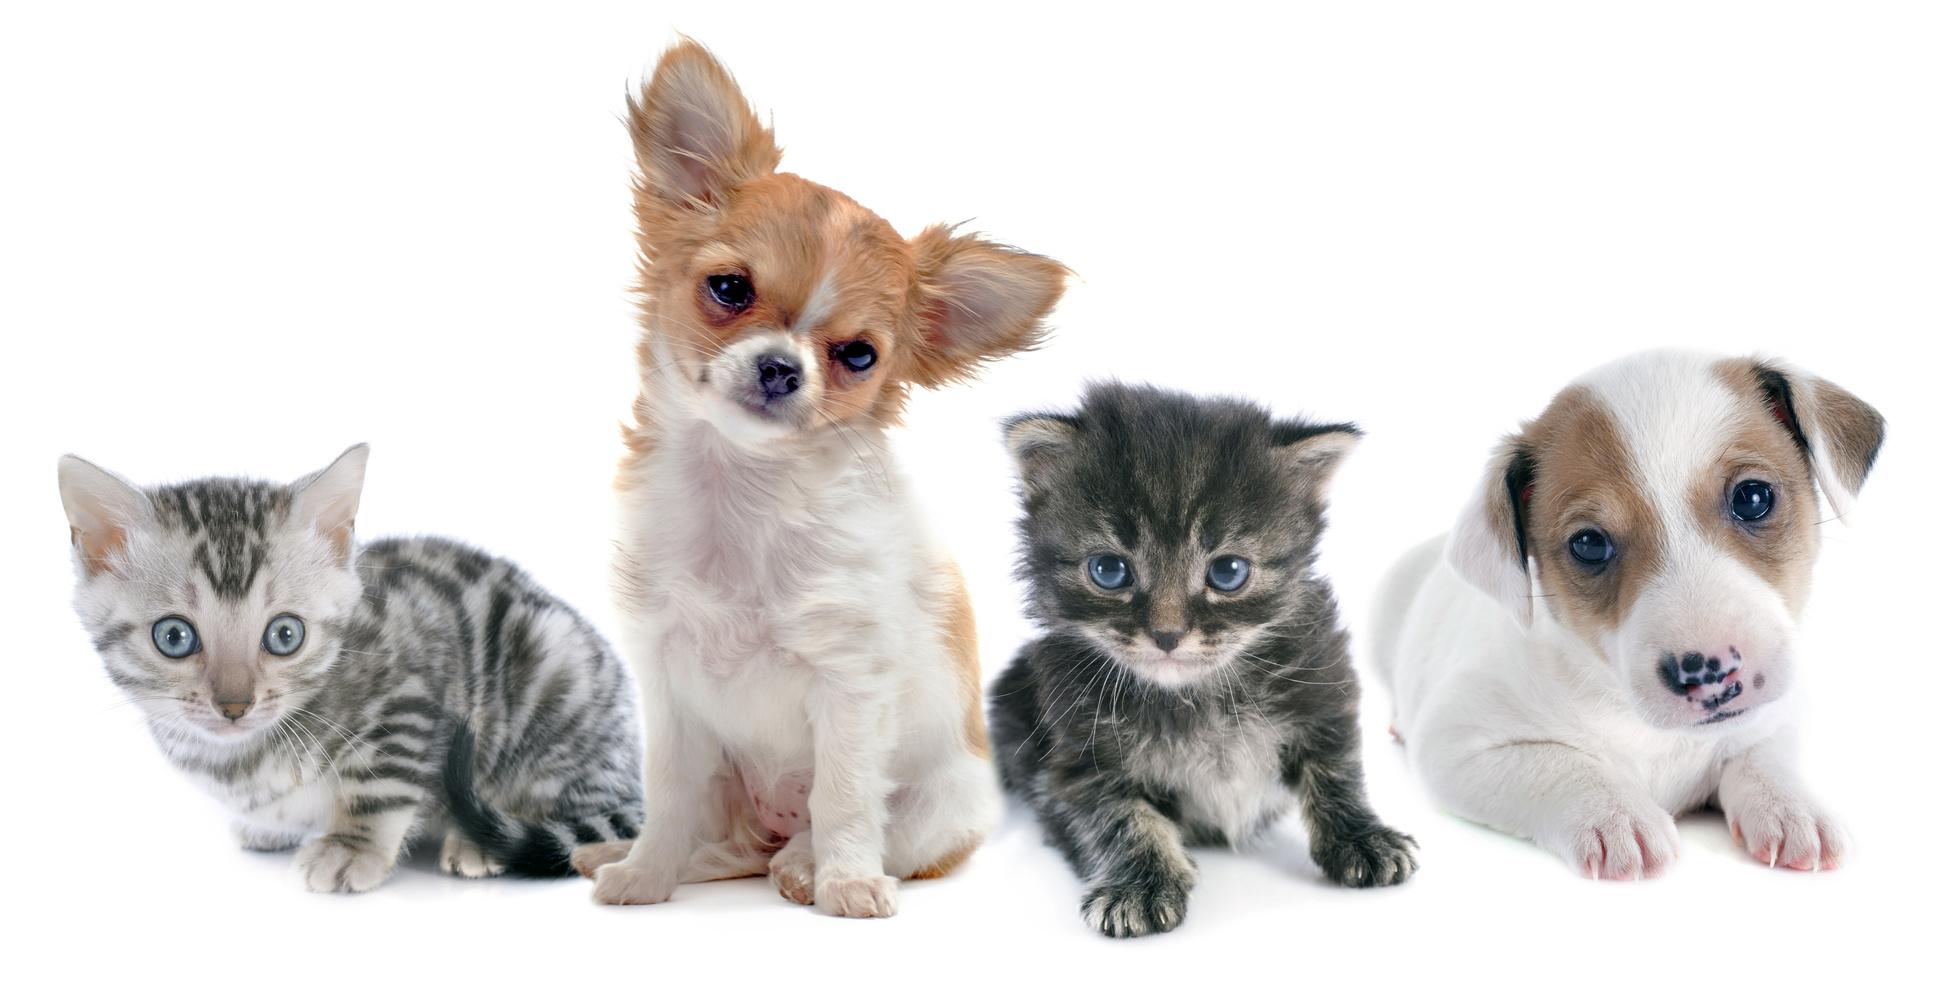 初めてペットを飼う方でも安心して飼えるおすすめのペット